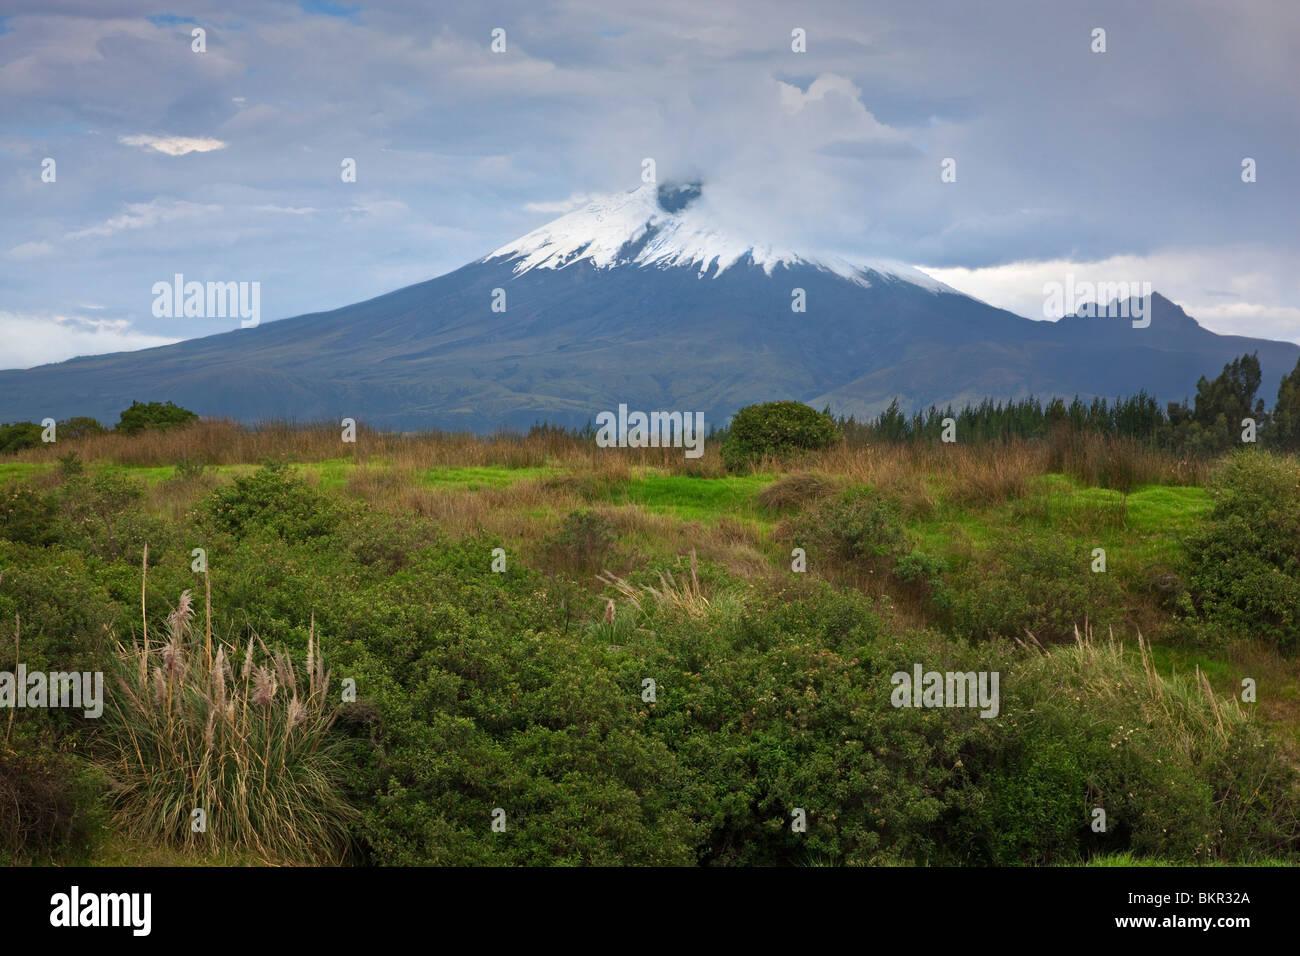 Ecuador, den schneebedeckten Vulkan Cotopaxi, eines der höchsten in der Welt mit 5.897 Metern. Stockbild